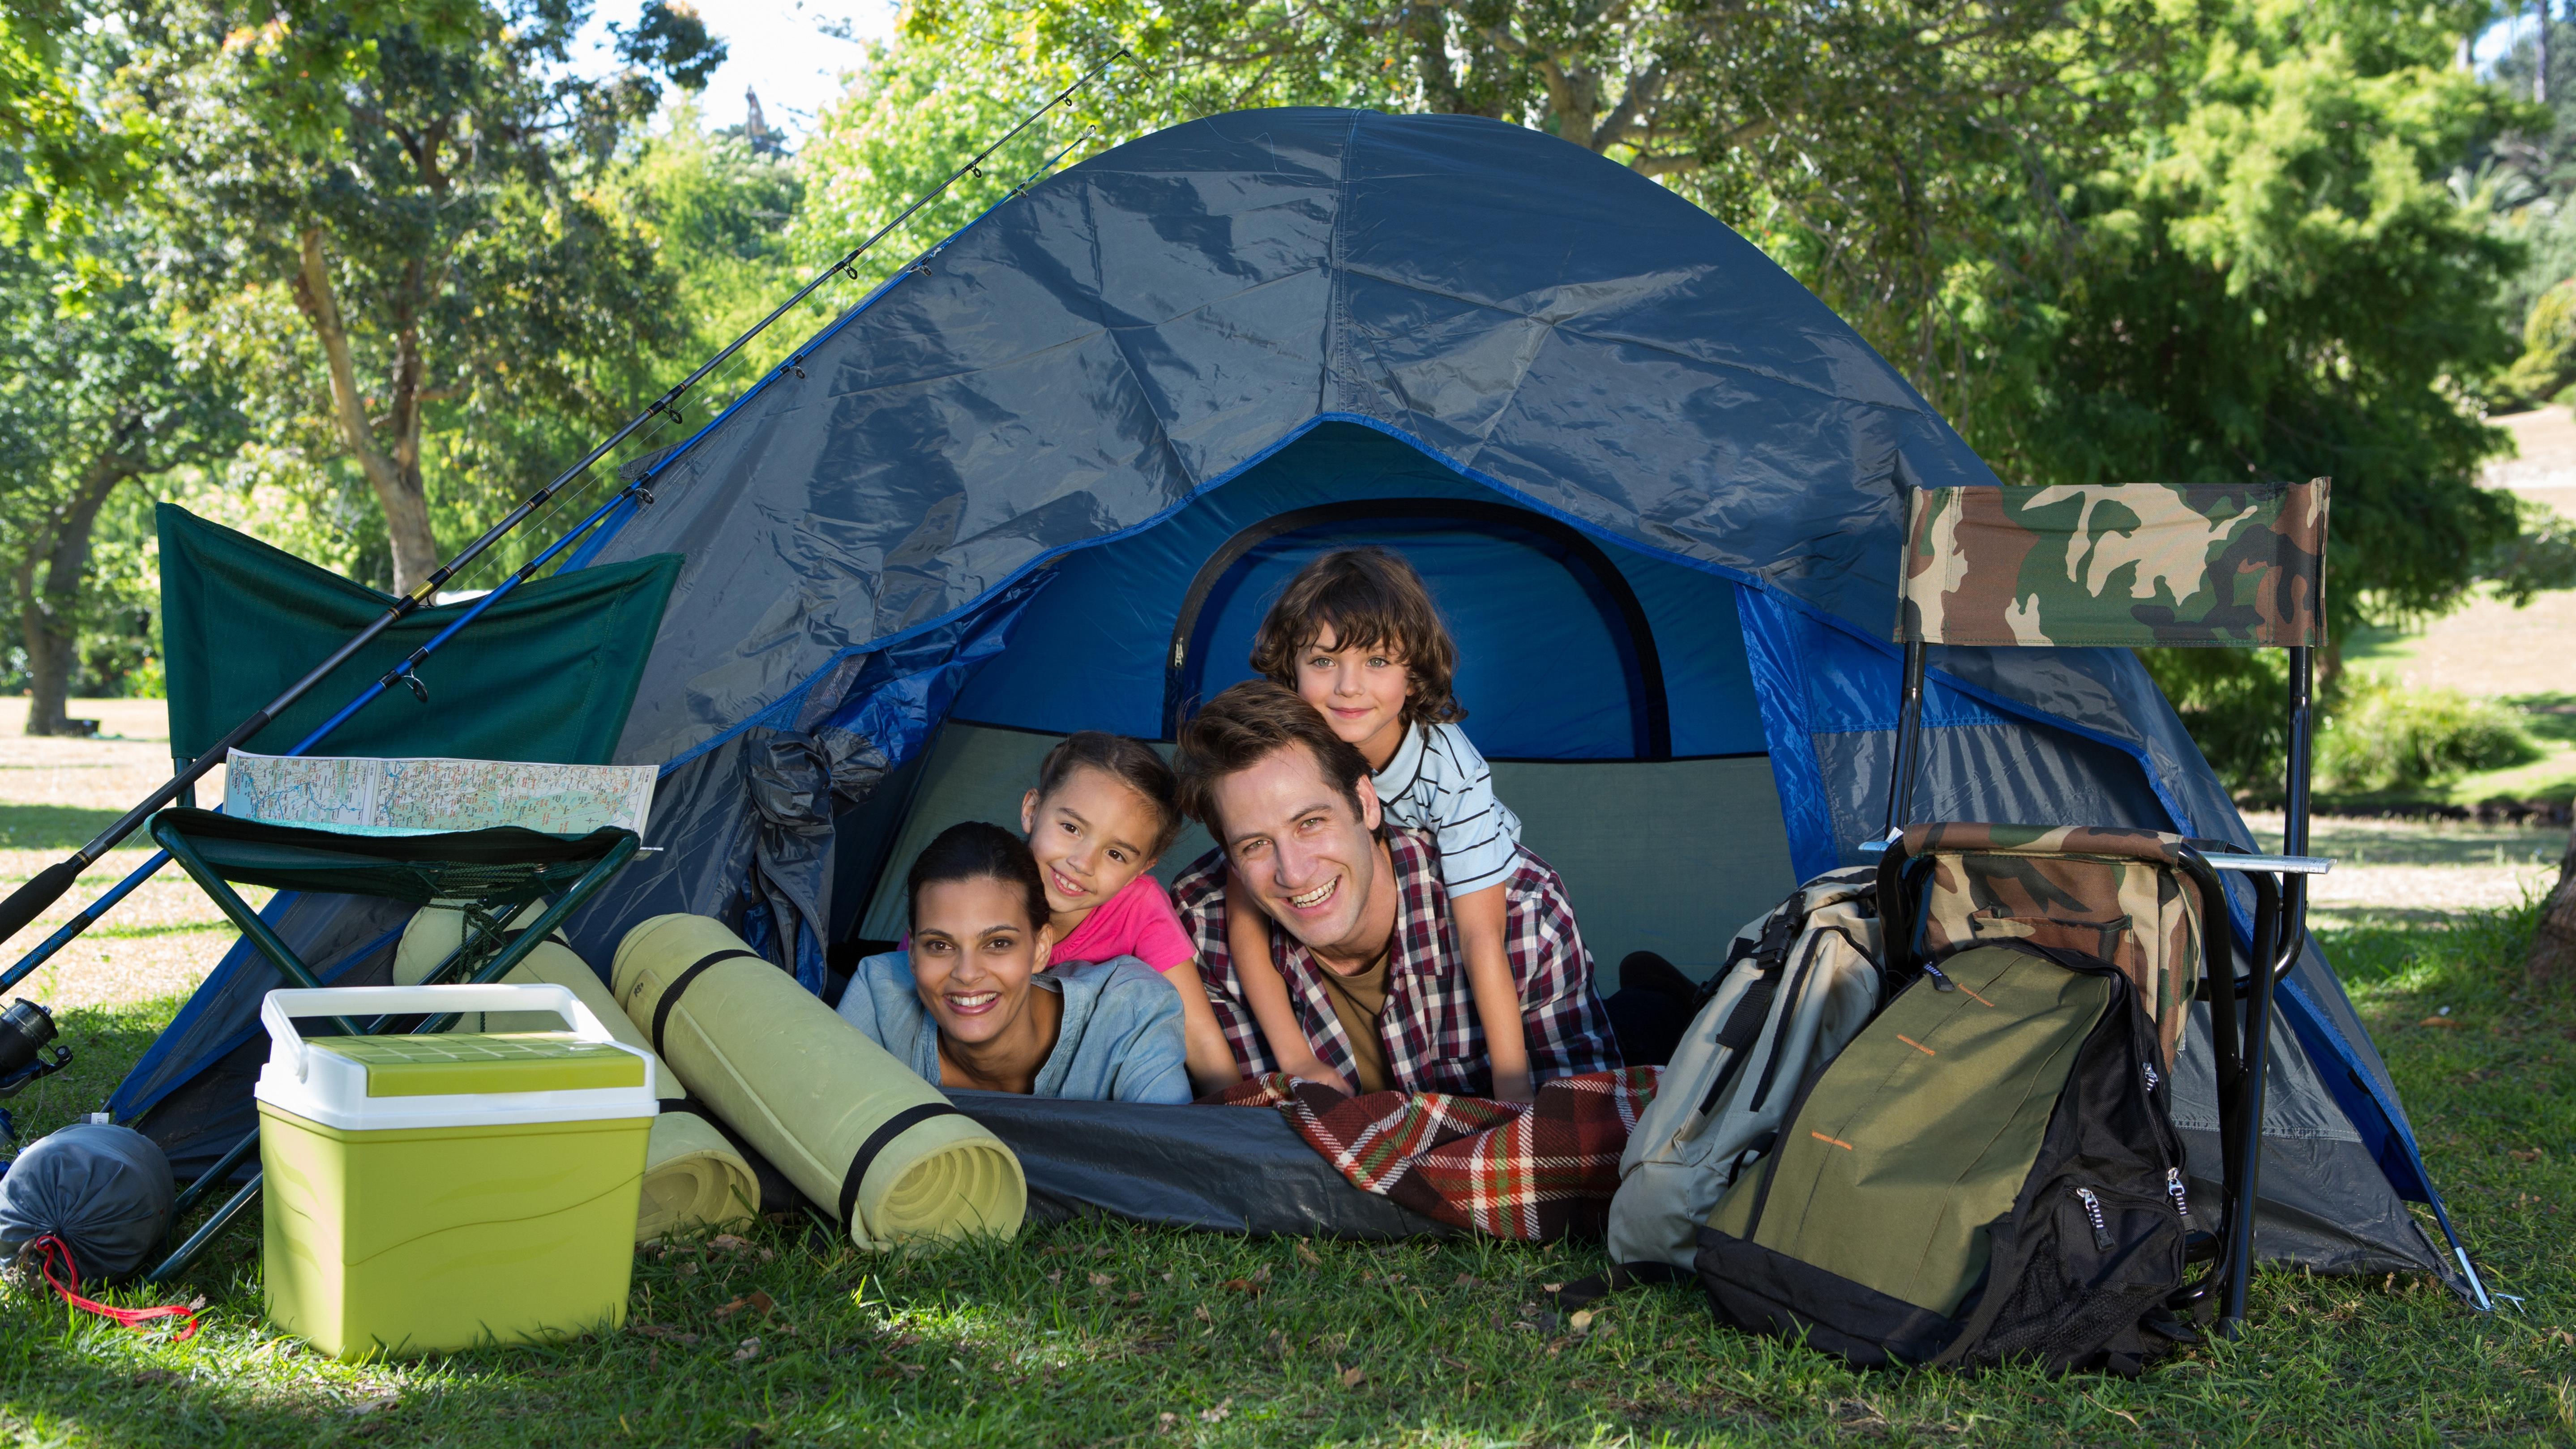 Namioty turystyczne. Jaki namiot 4 osobowy wybrać? Podpowiadamy